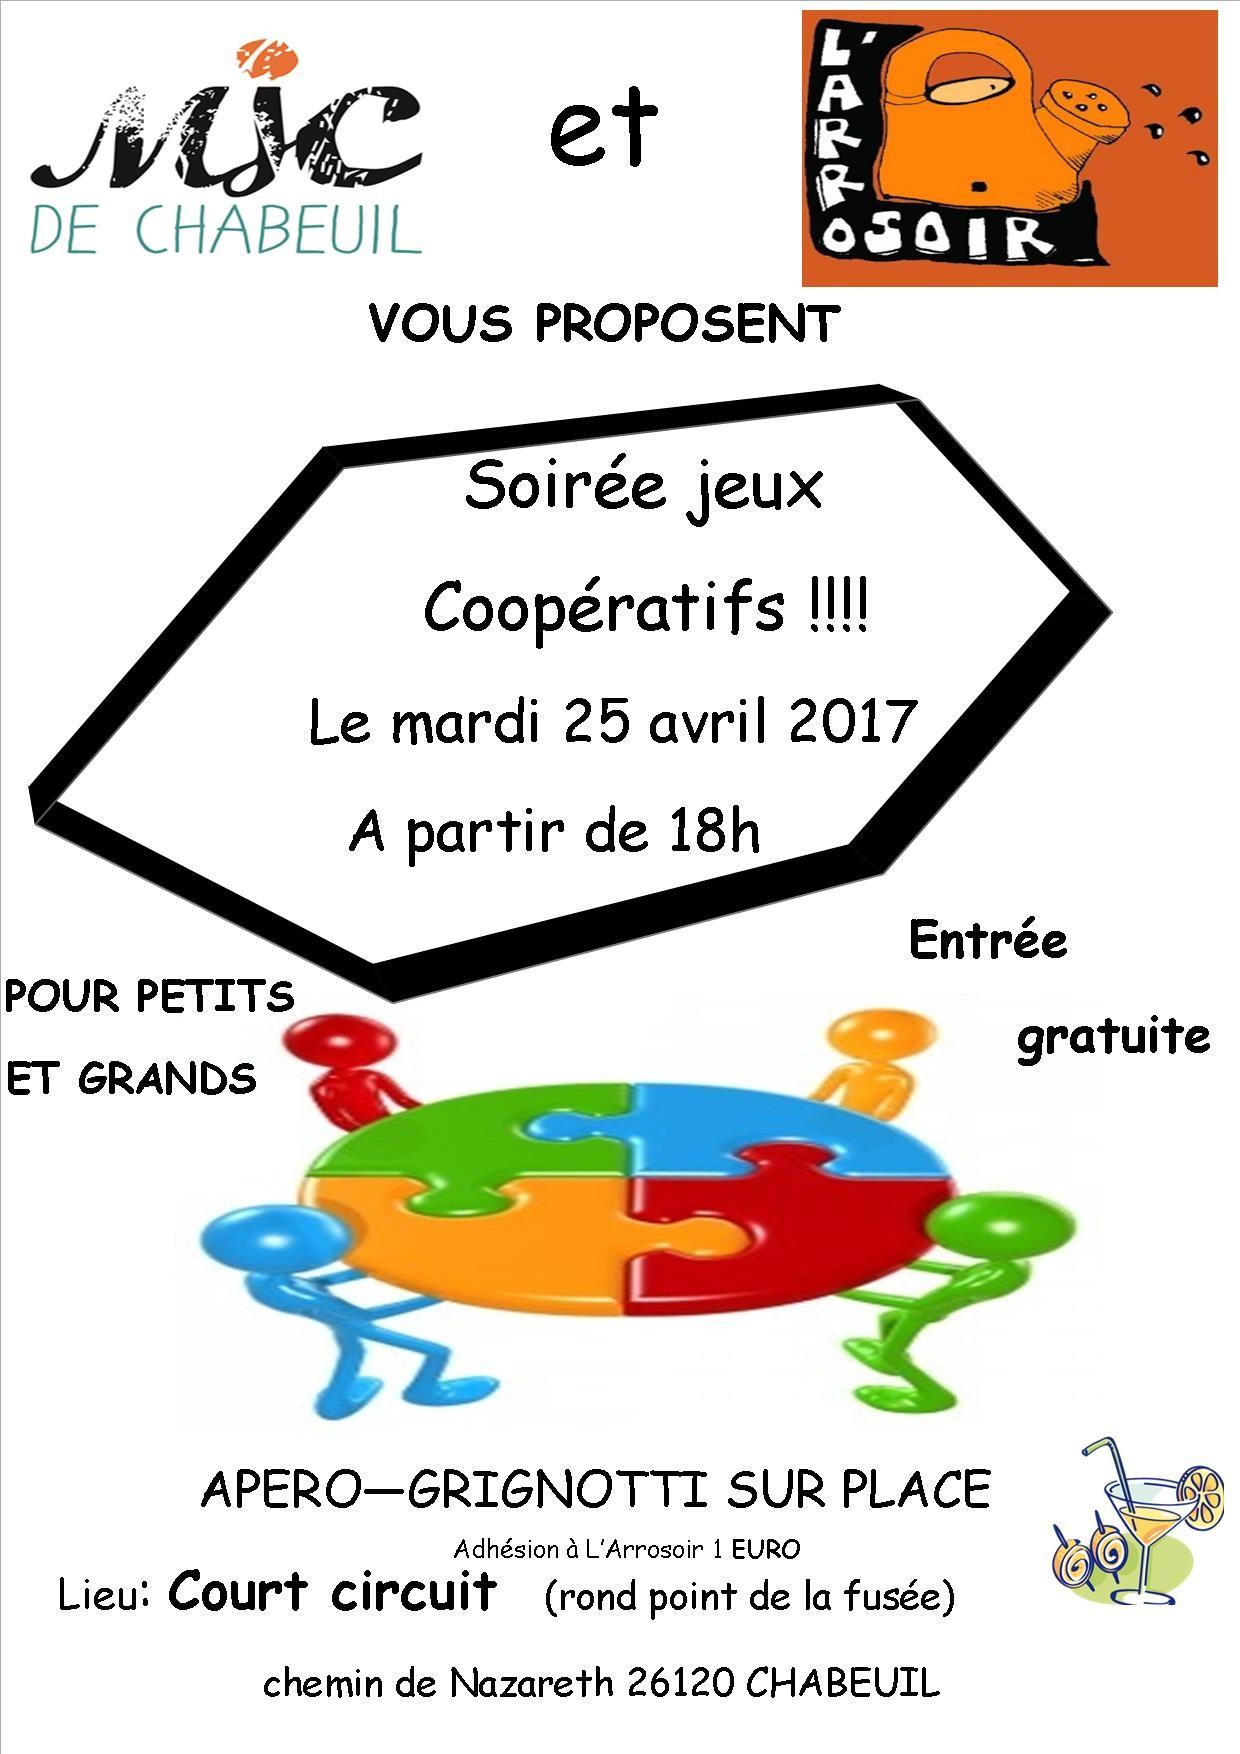 SOIRÉE JEUX COOPÉRATIFS MARDI 25 AVRIL A 18H